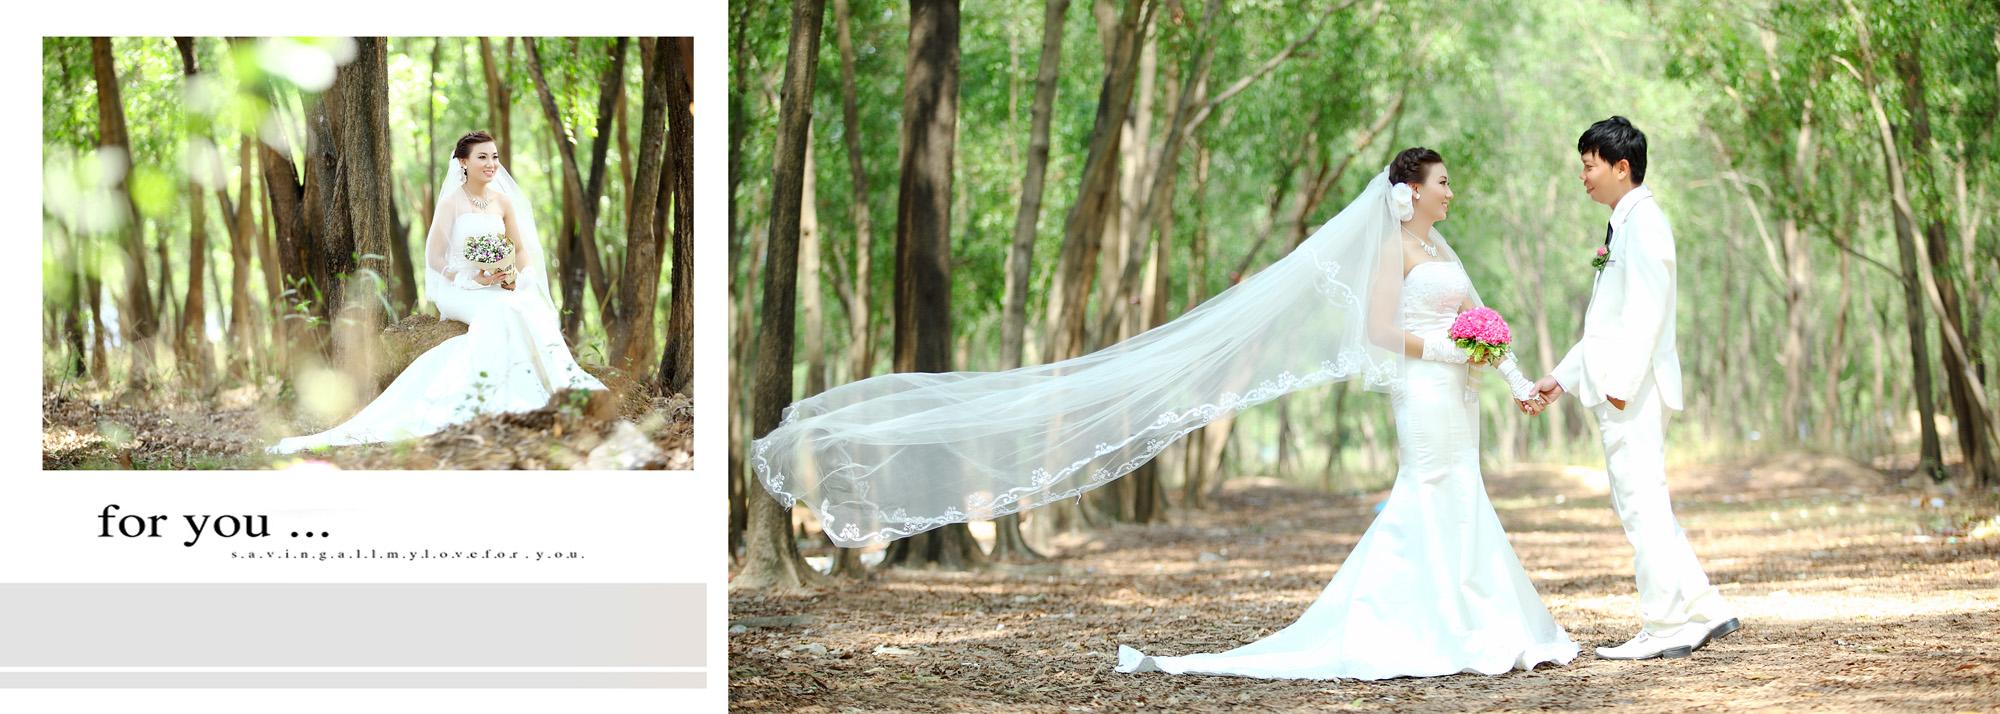 Album chụp hình cưới Trung và Diễm 6